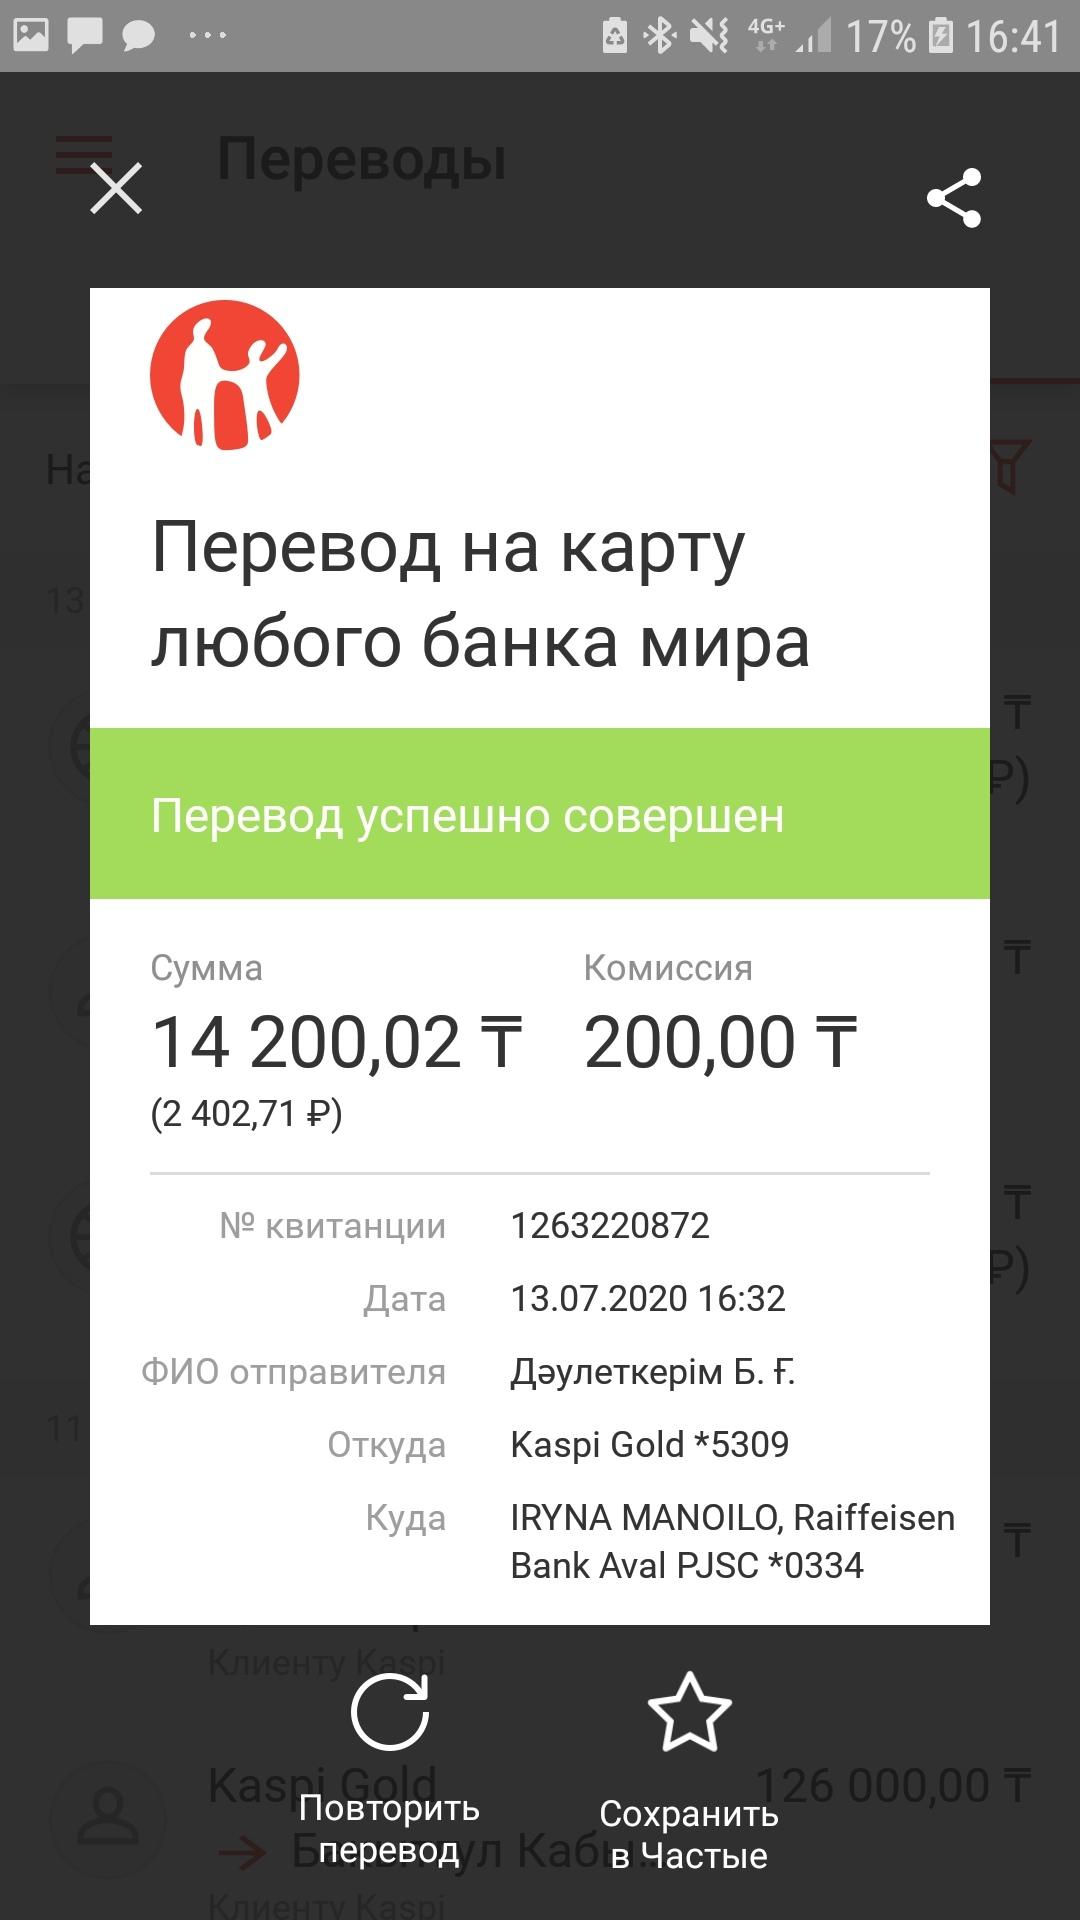 234234234.jpg